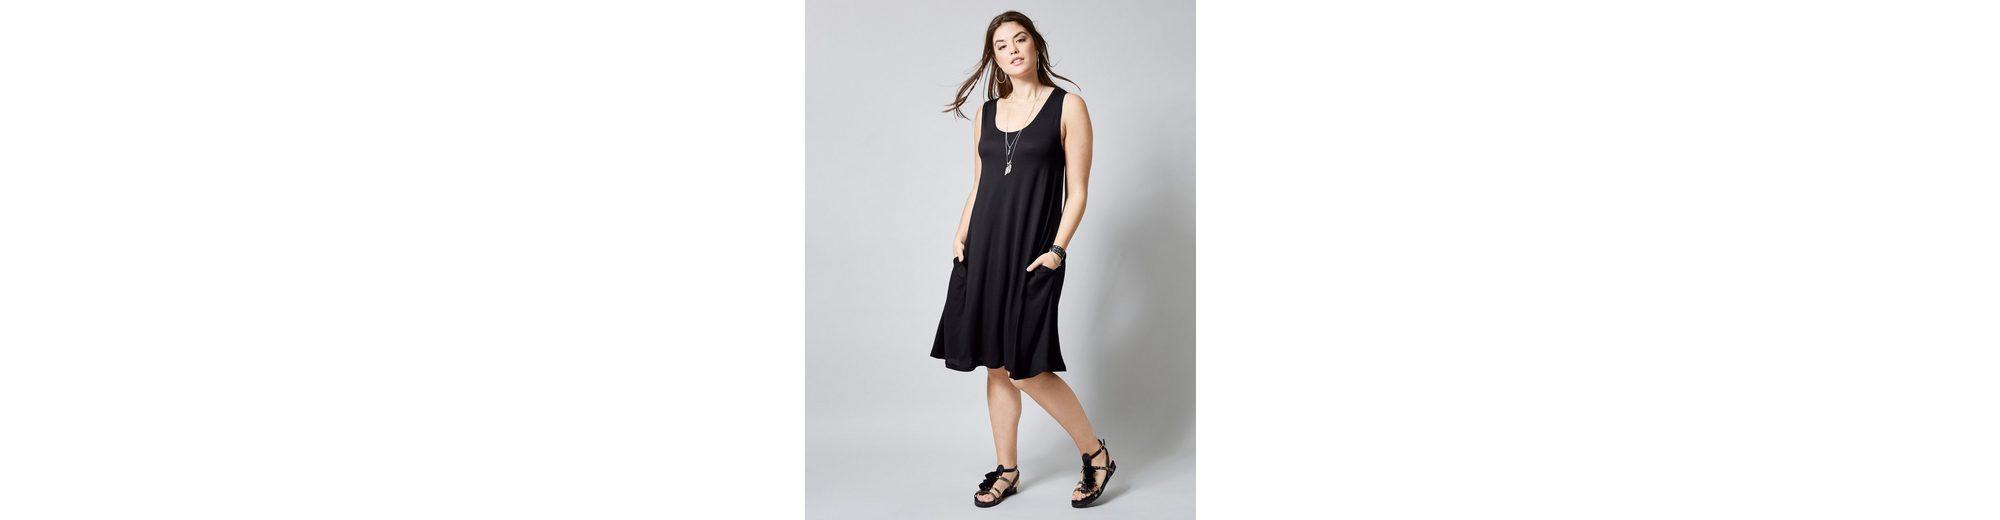 Angel of Style by Happy Size Jersey-Kleid Bester Speicher Billig Online Zu Bekommen Günstig Kaufen Eastbay Shop Online-Verkauf x7ZfHsf